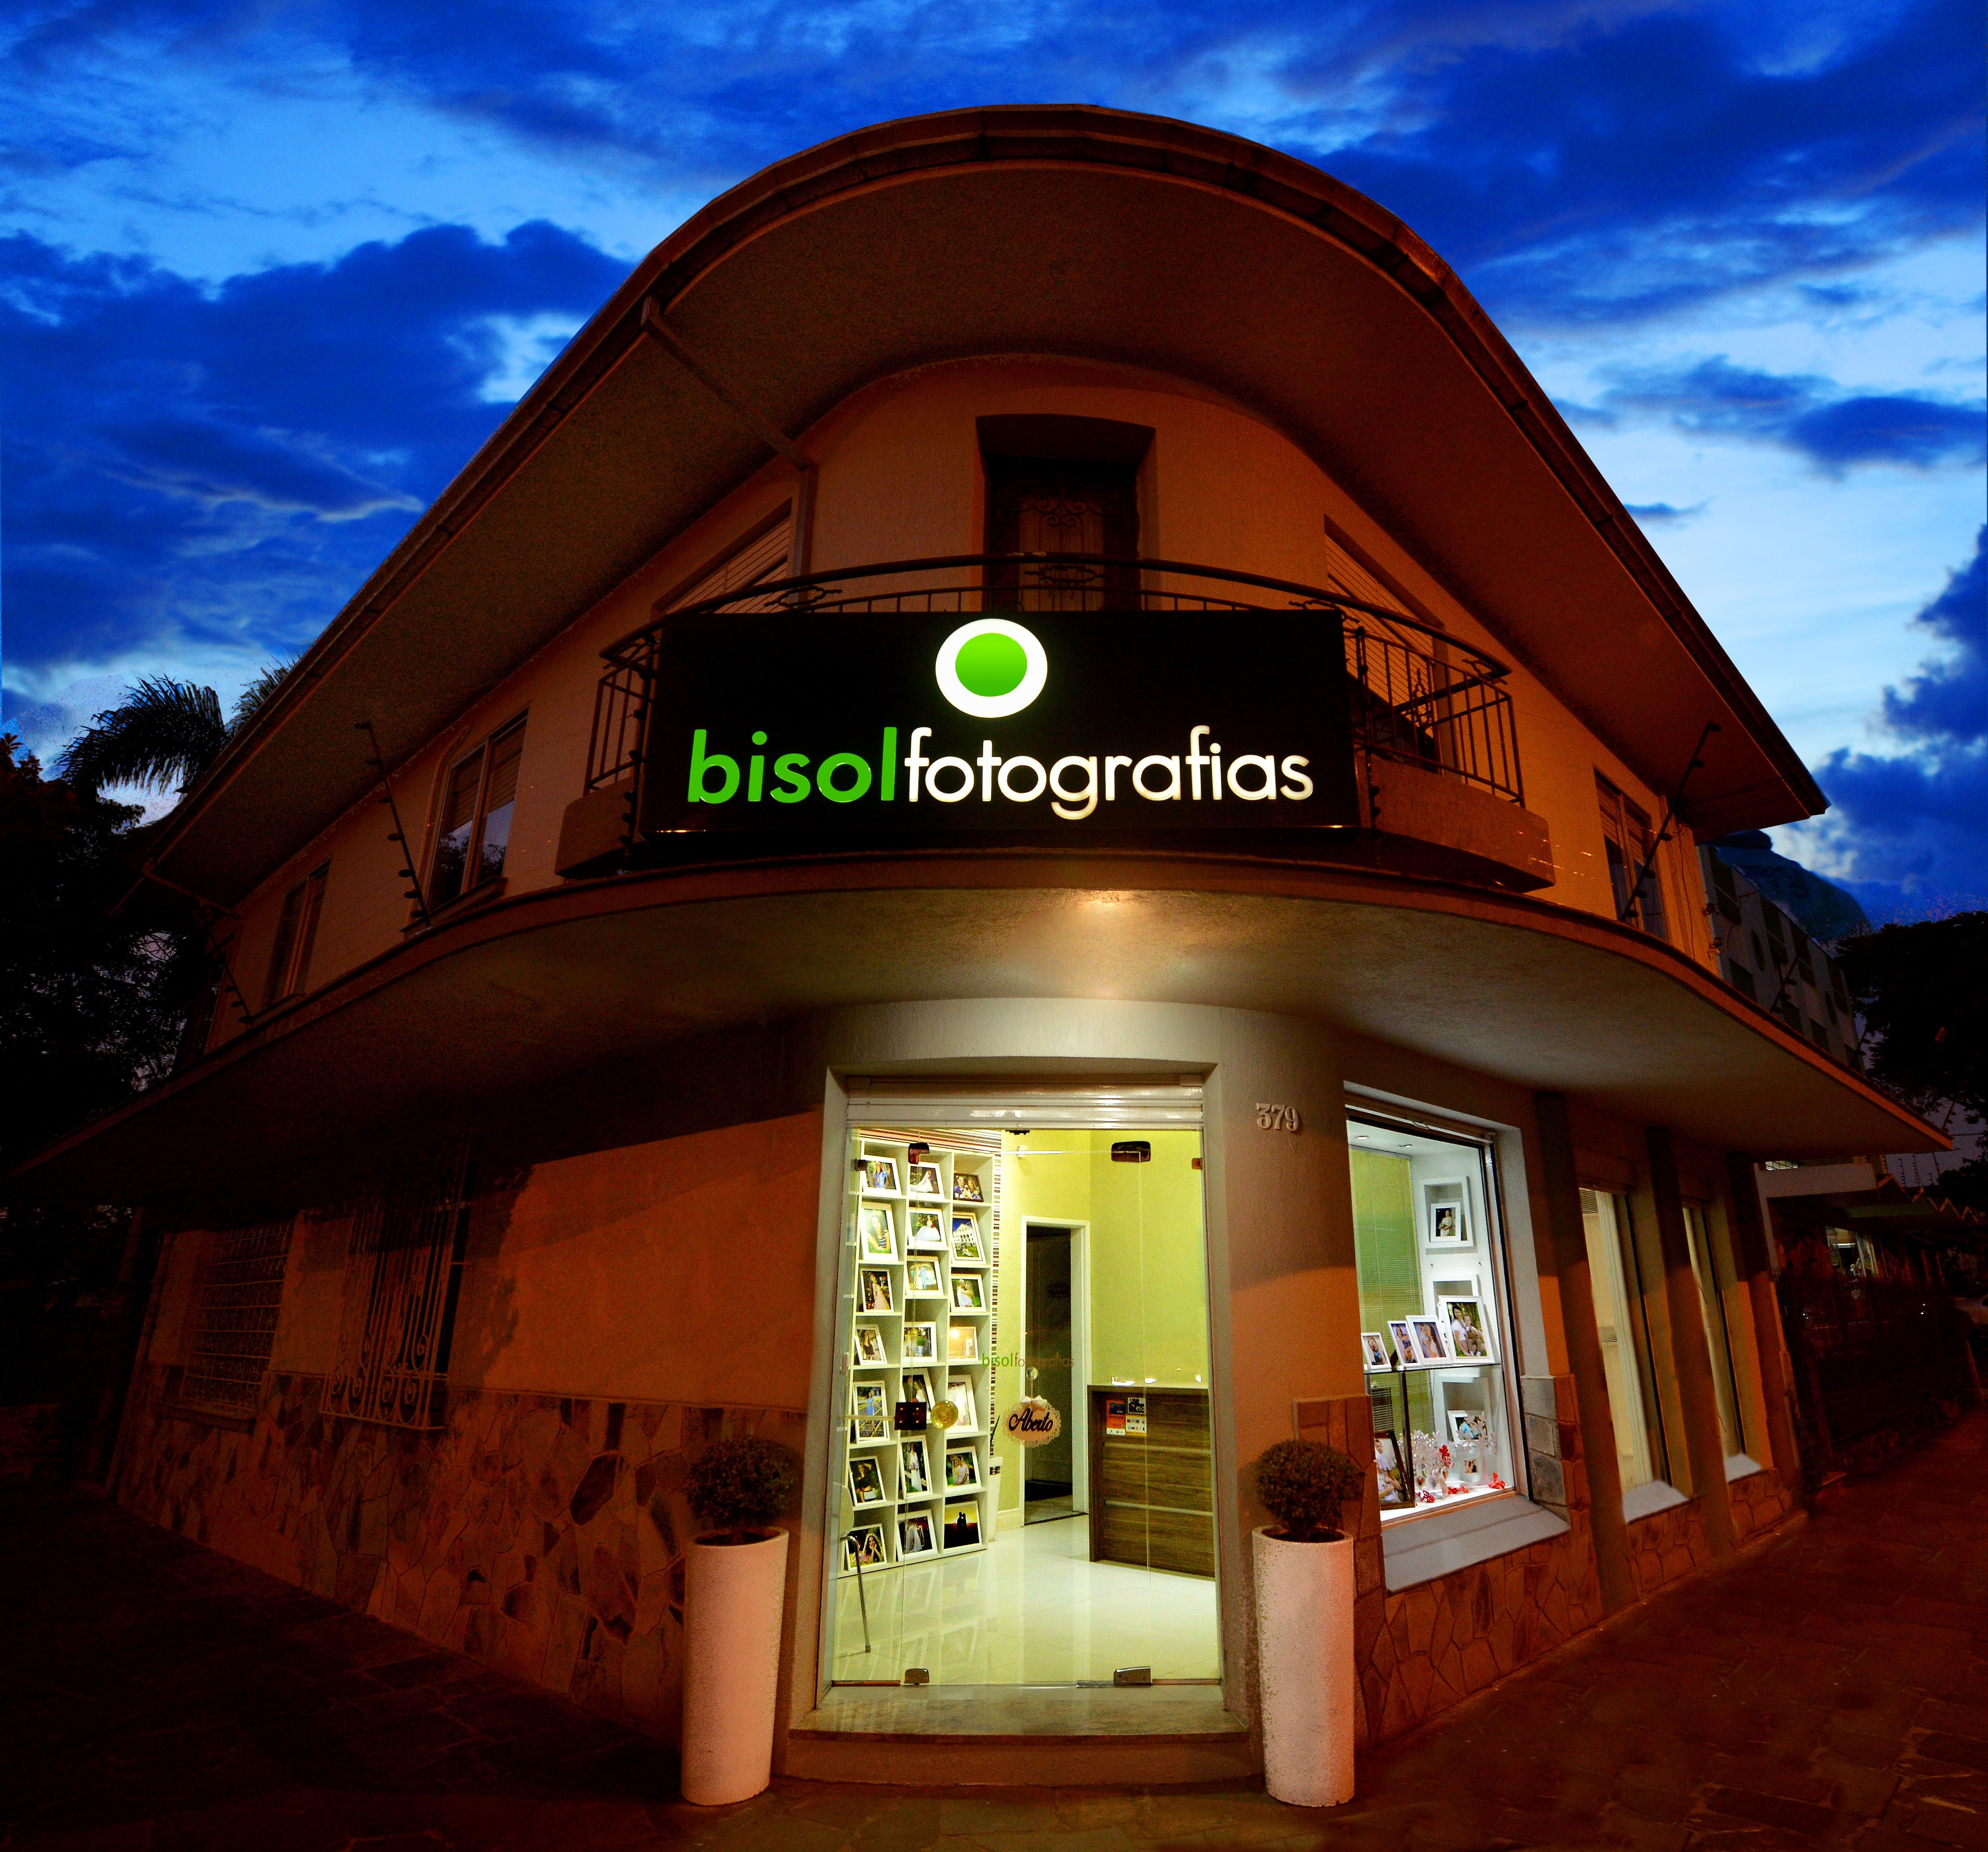 Contate Bisolfotografias, Fotografo de Casamento  e Ensaios de 15 Anos,  em Caxias do Sul - RS.